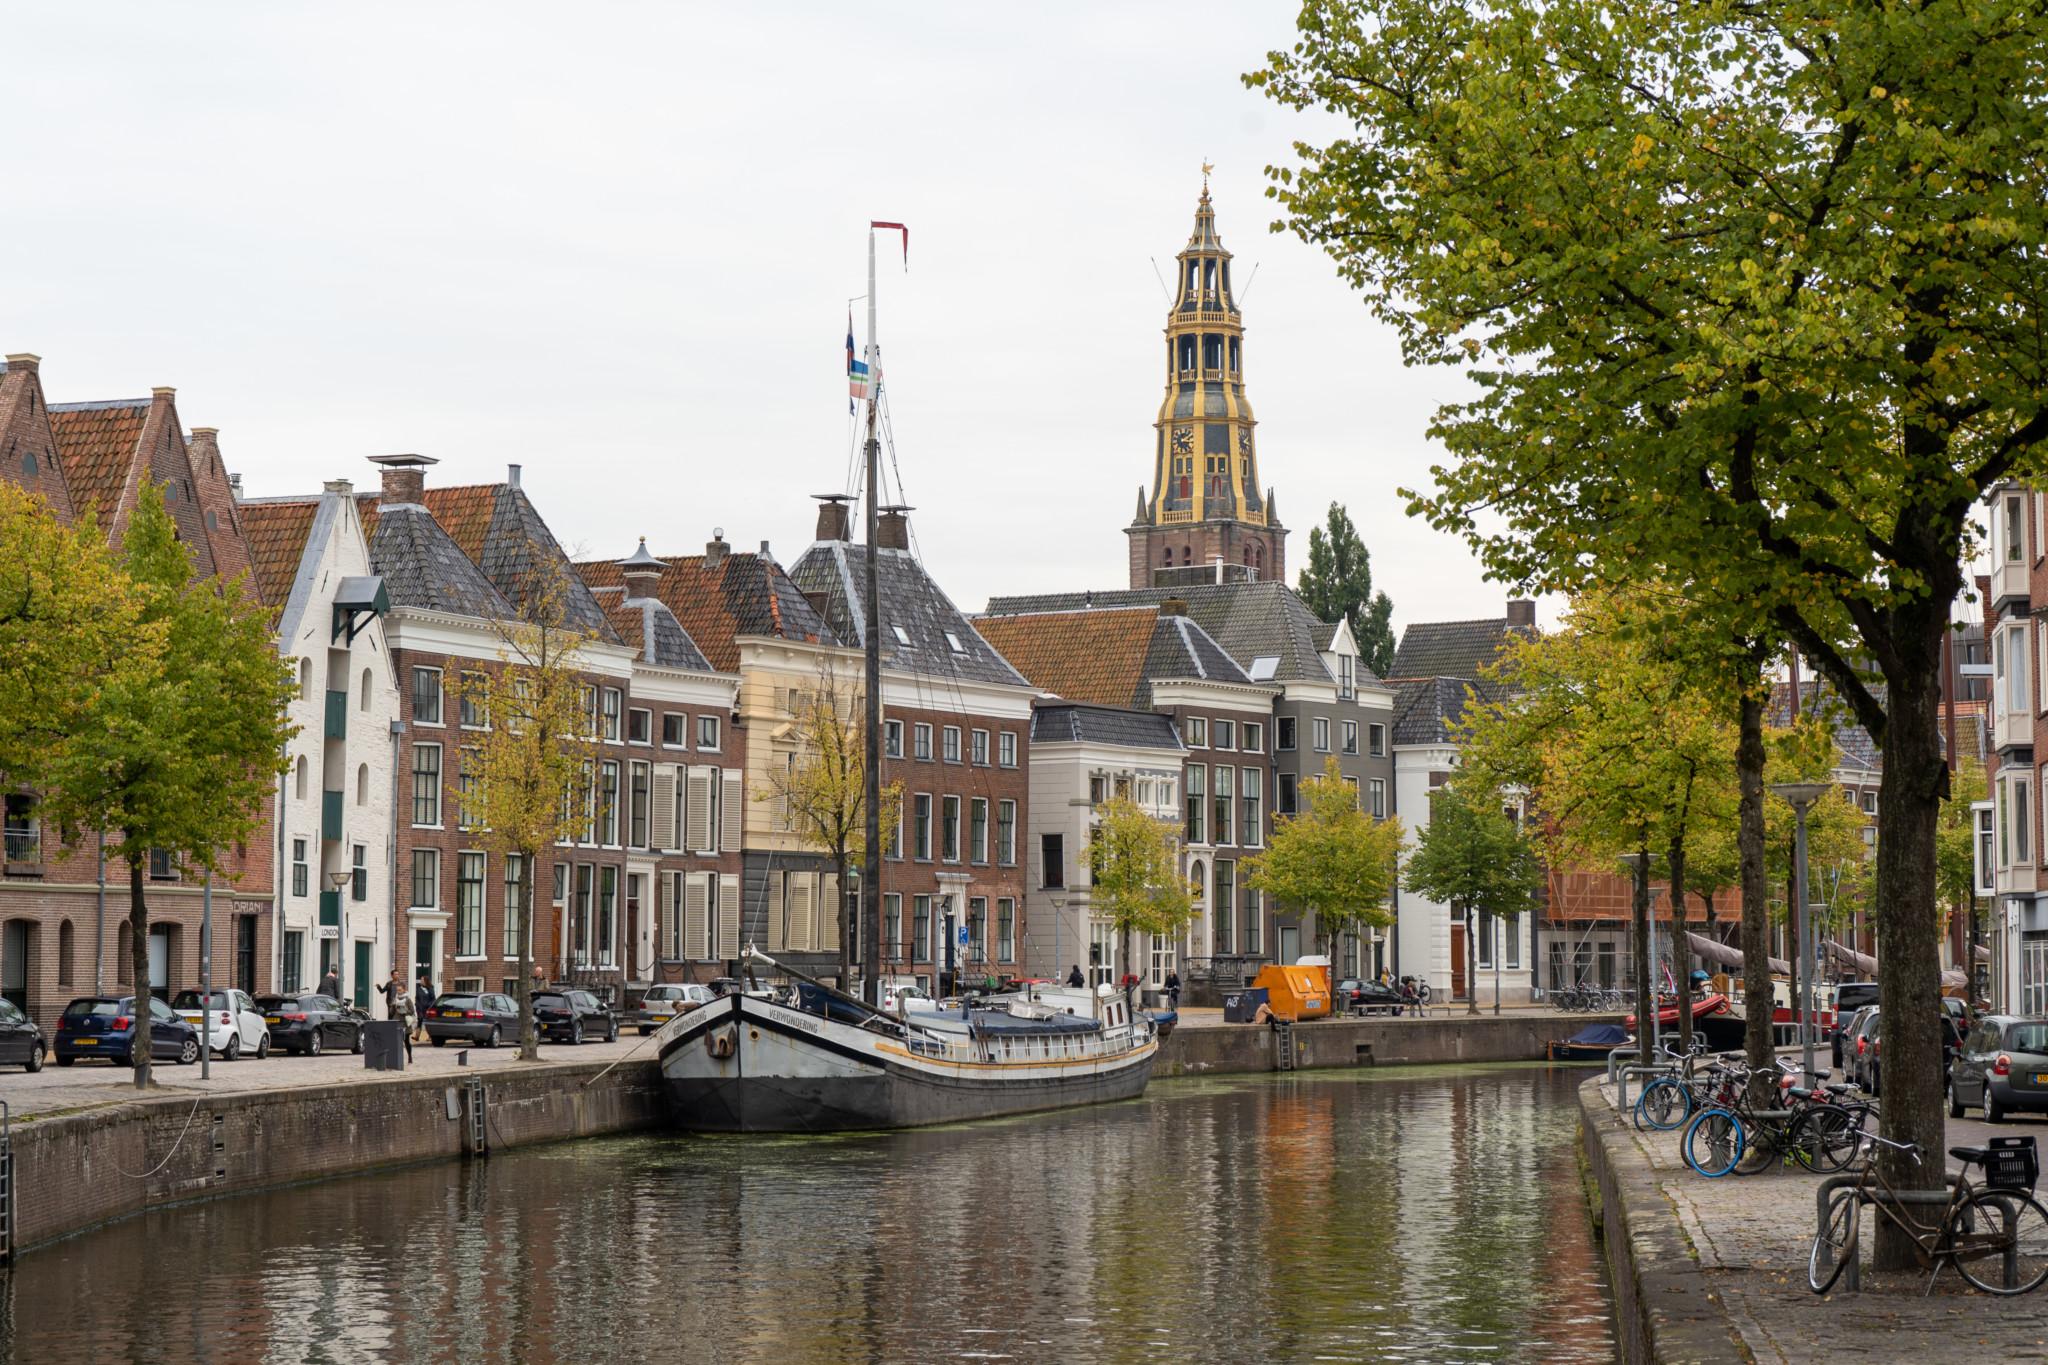 Hoge der A gehört zu den wichtigsten Groningen Sehenswürdigkeiten